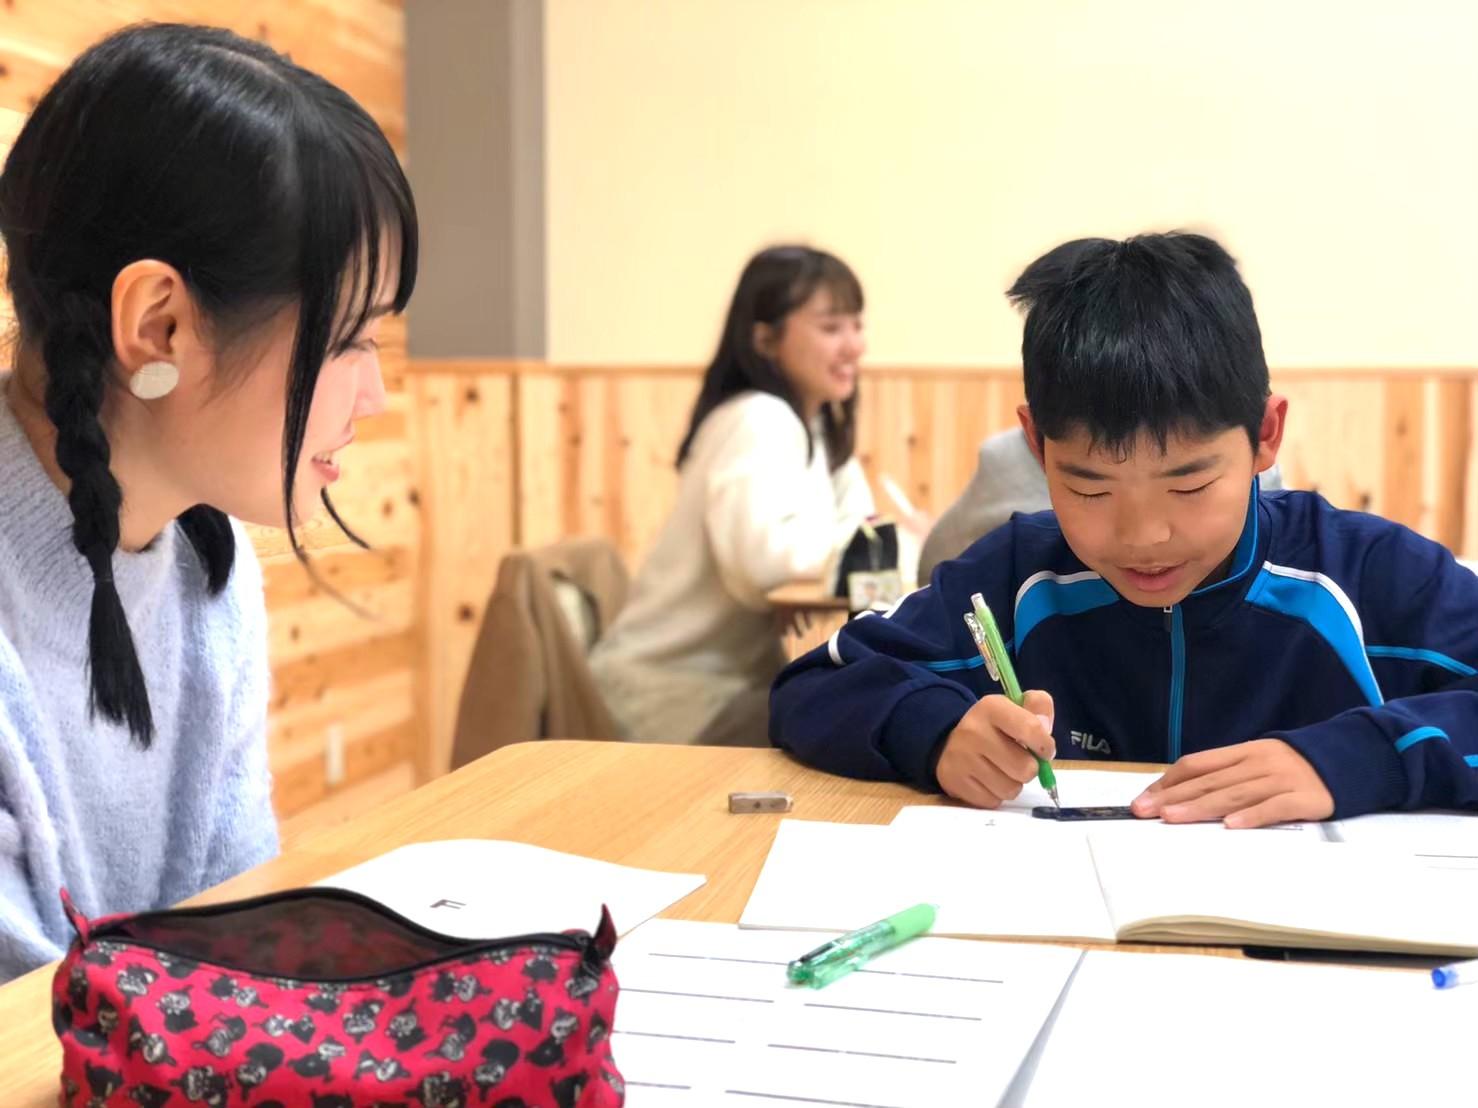 ひとり 親 家庭 支援 奨学 金 制度